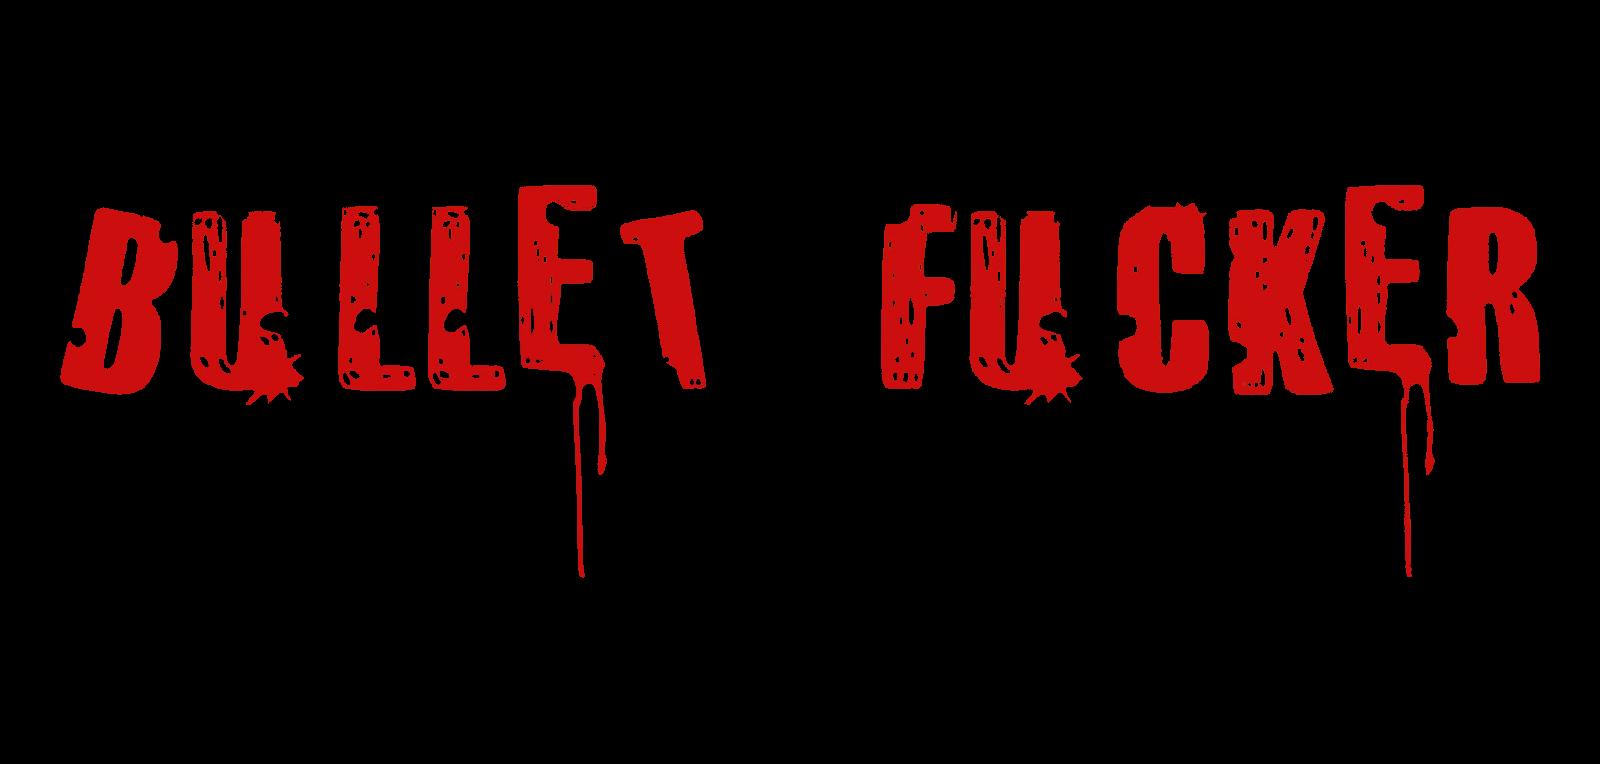 Bullet Fucker